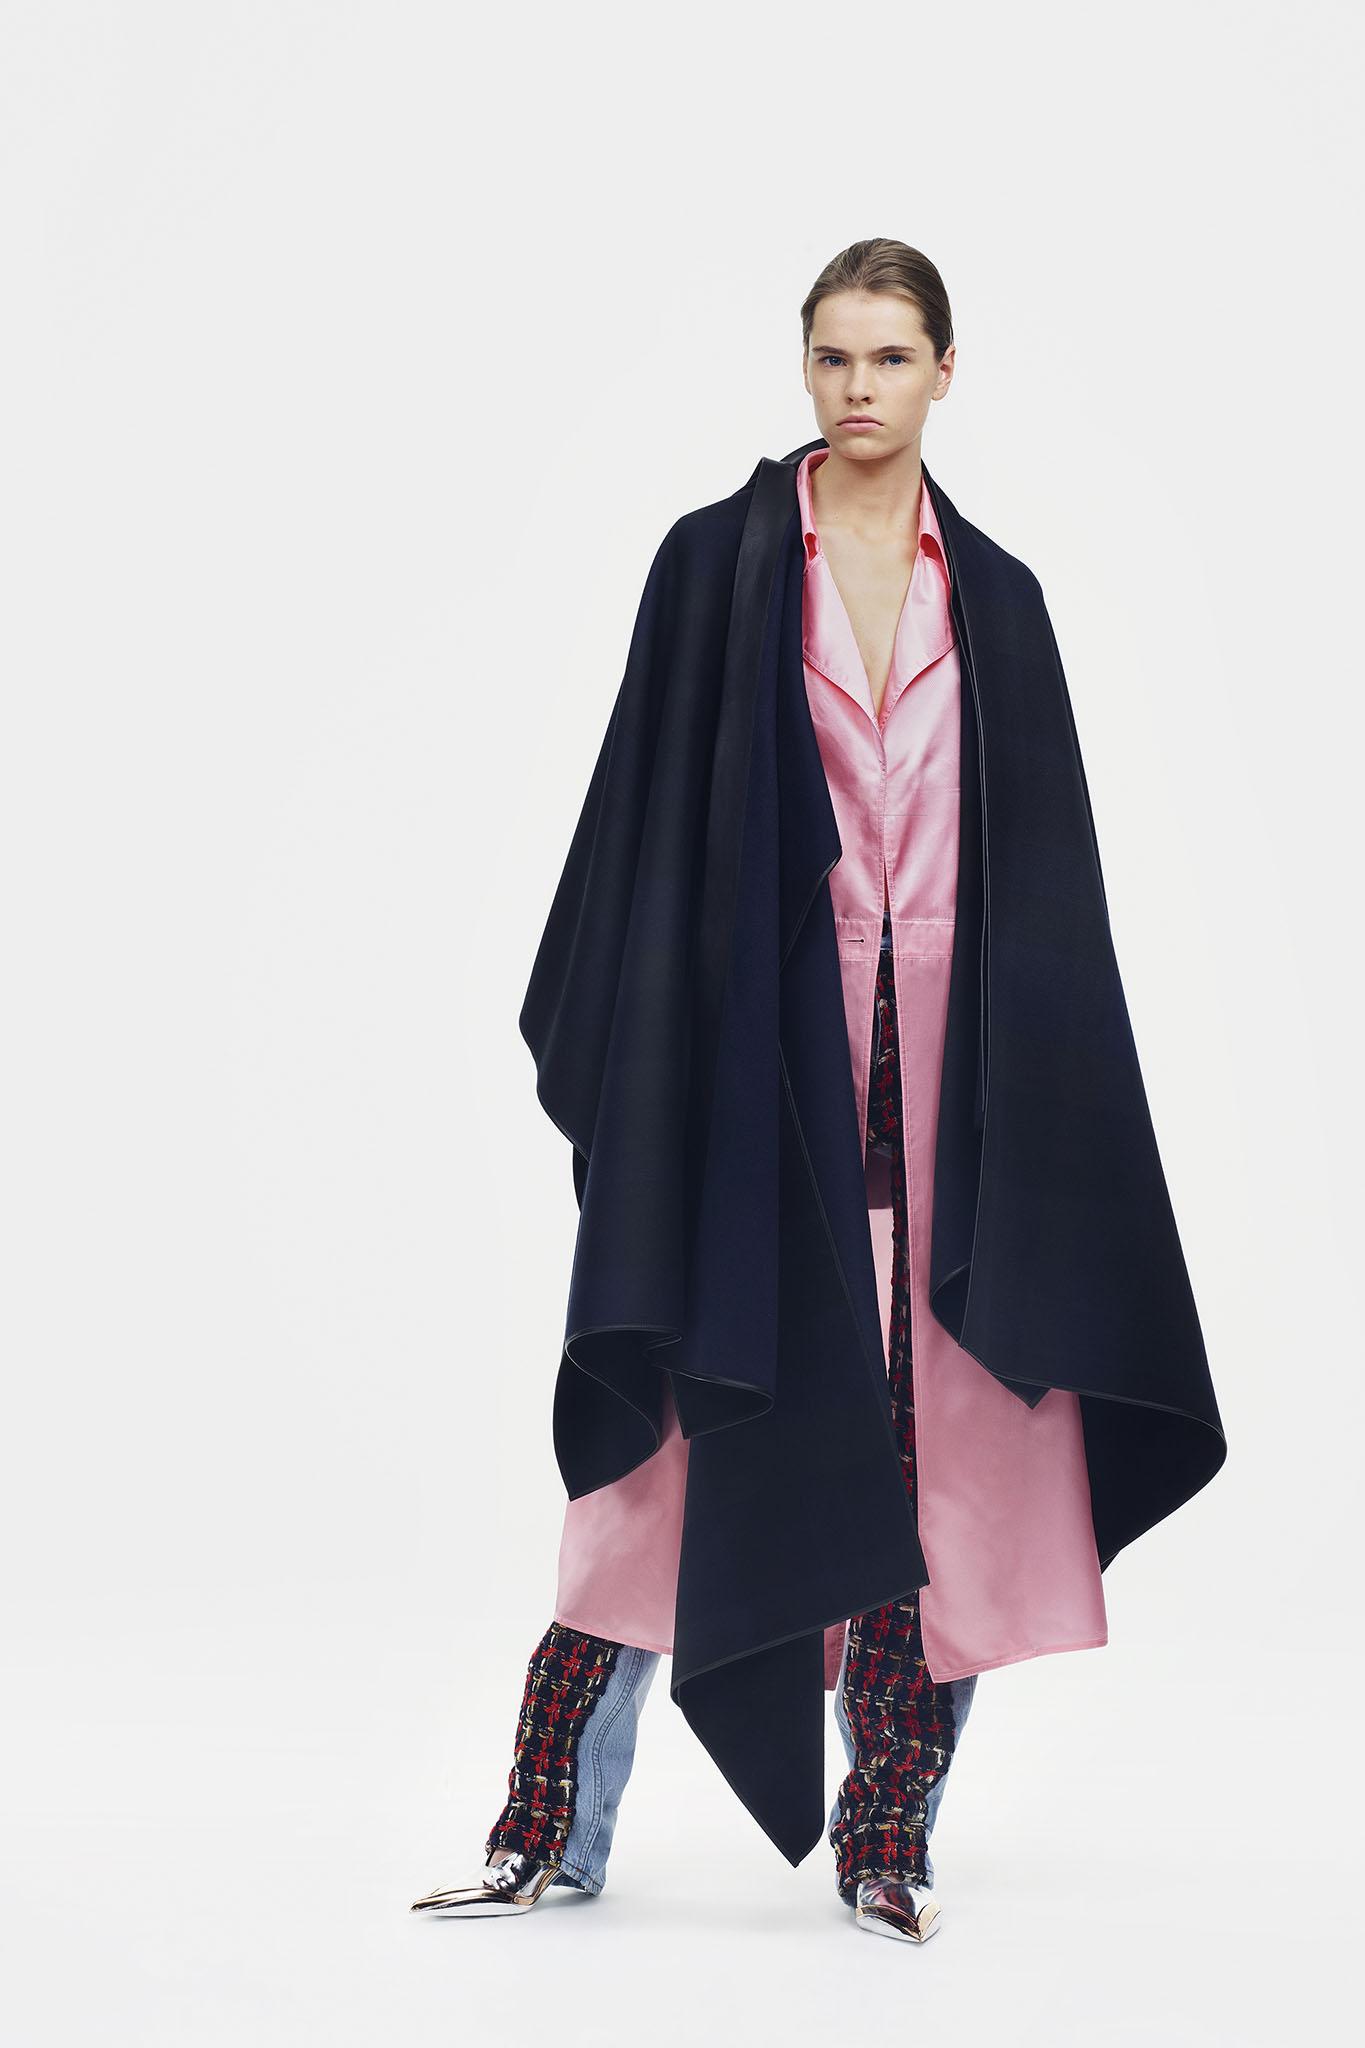 Calvin Klein 205W39NYC Pre-Fall 2019